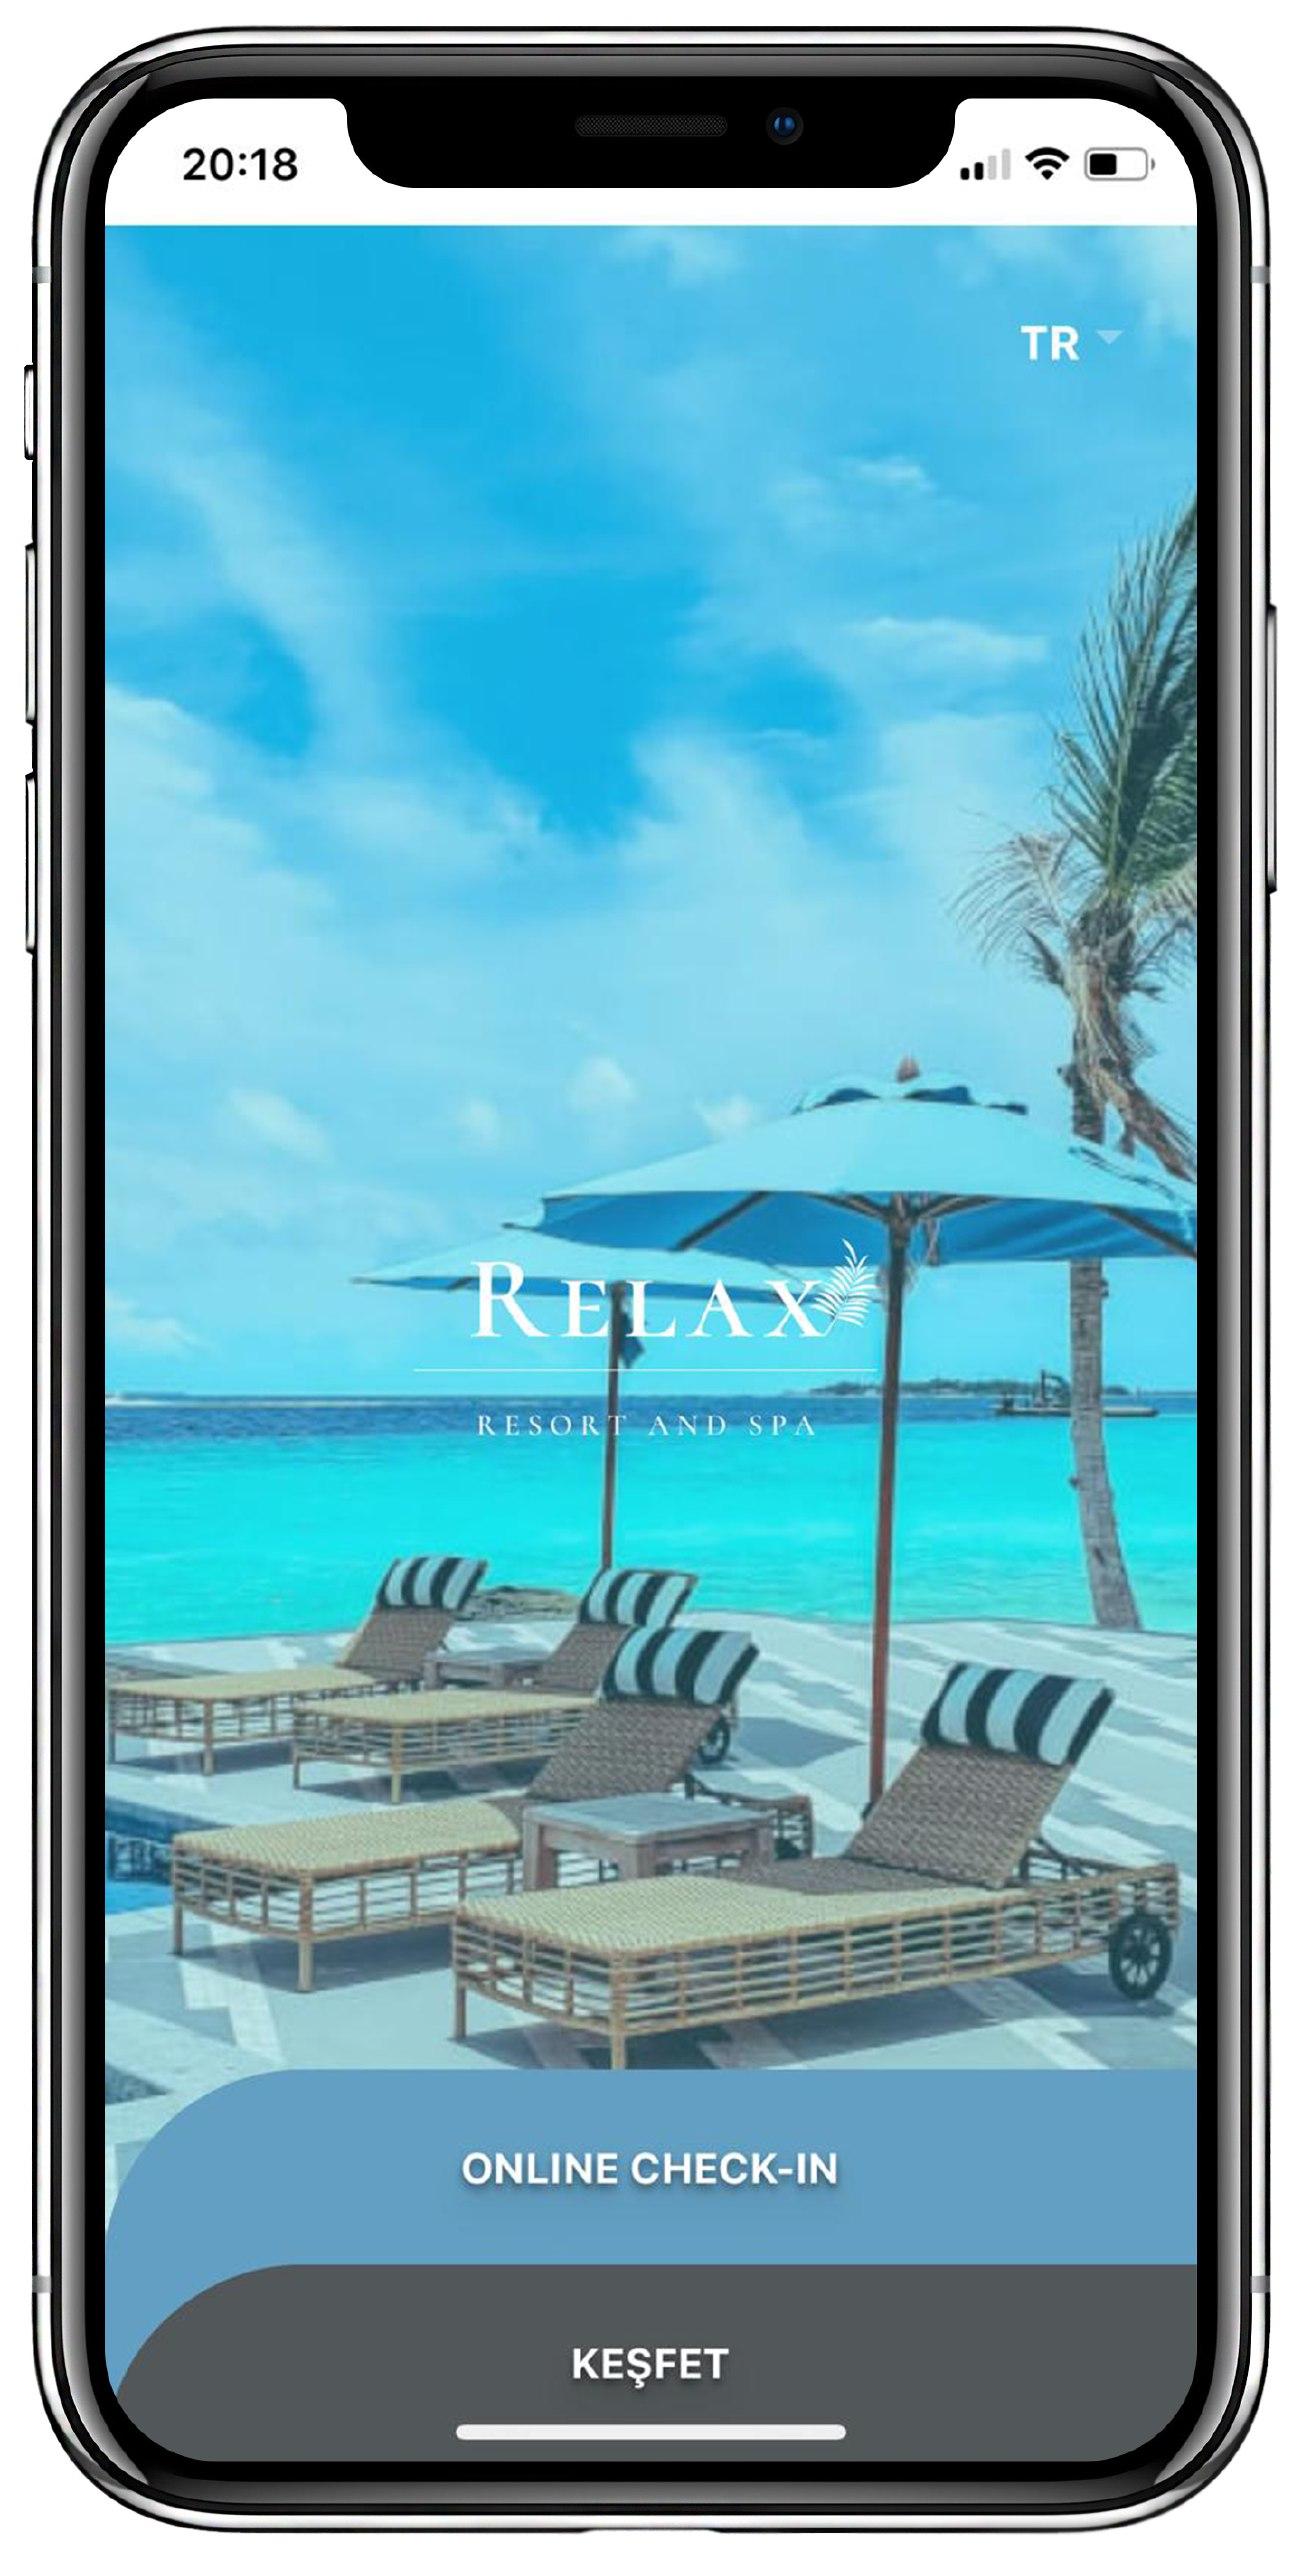 Mobil Otel Uygulaması mobil otel yönetim sistemi